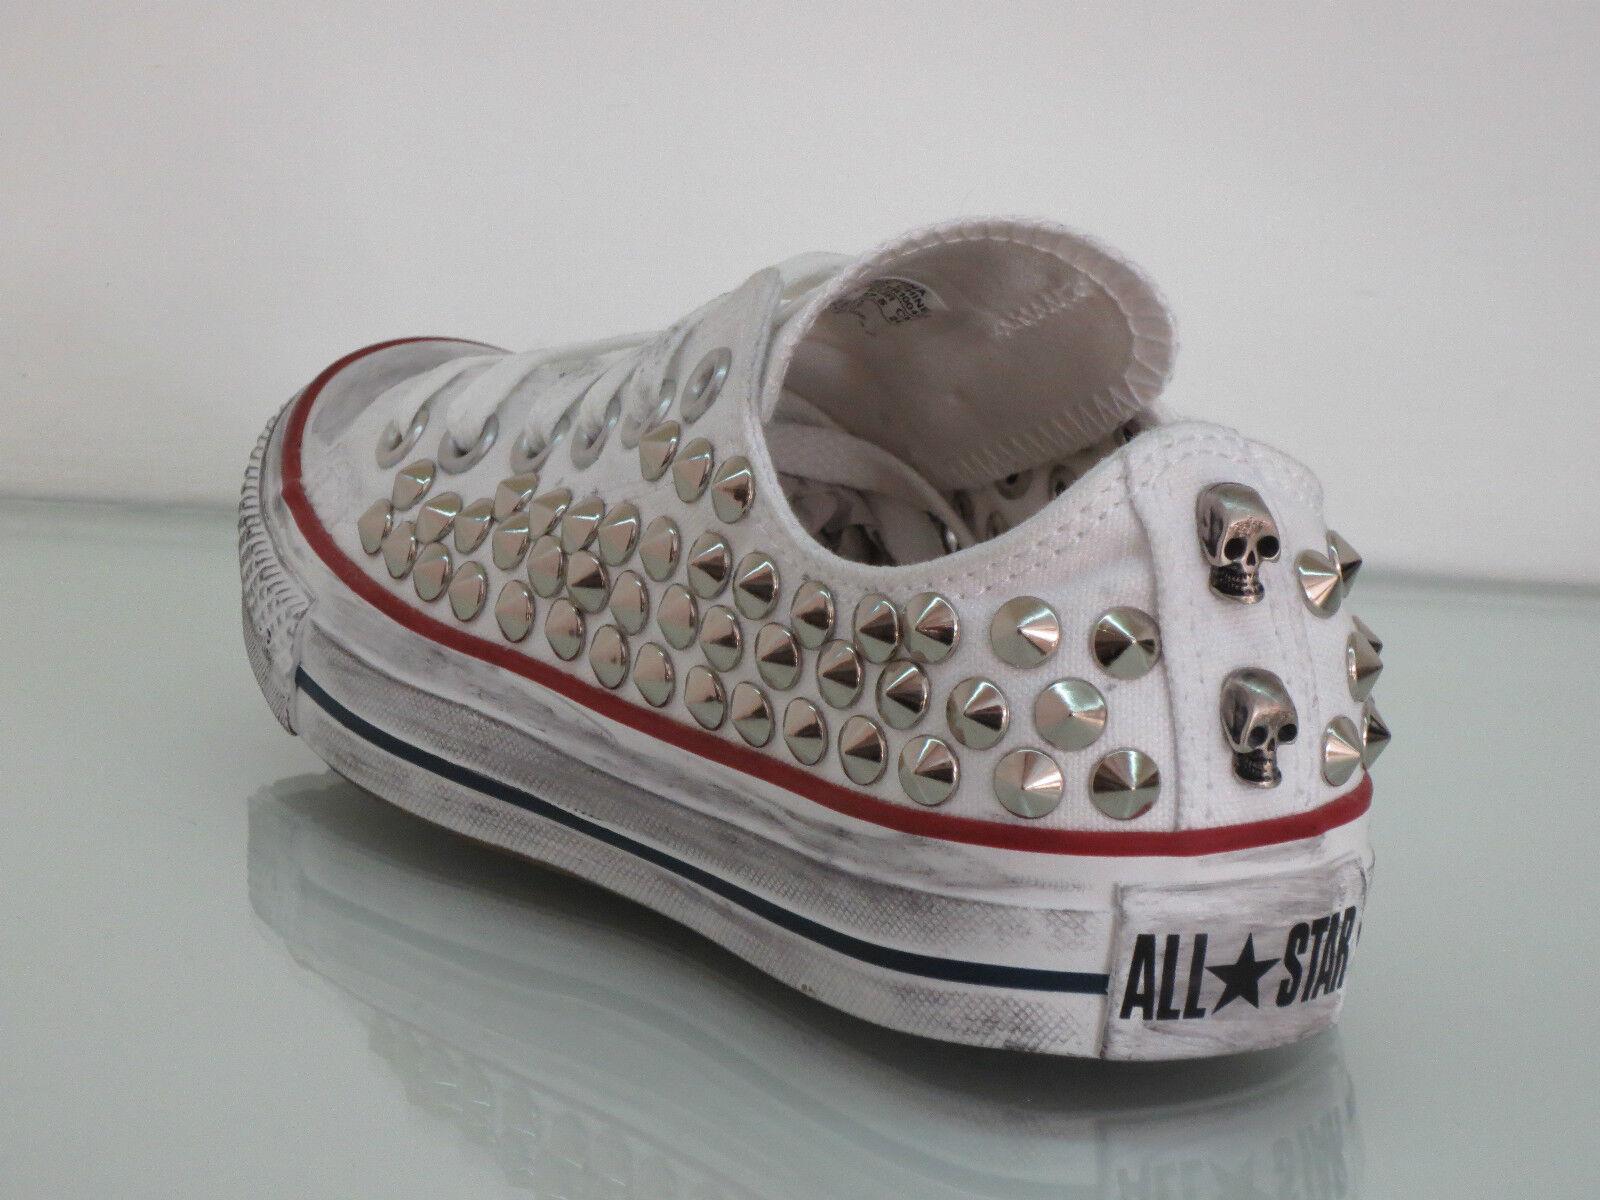 Converse all star OX  borchie bianco teschi  scarpe  bianco borchie optical white artigianali 22e638